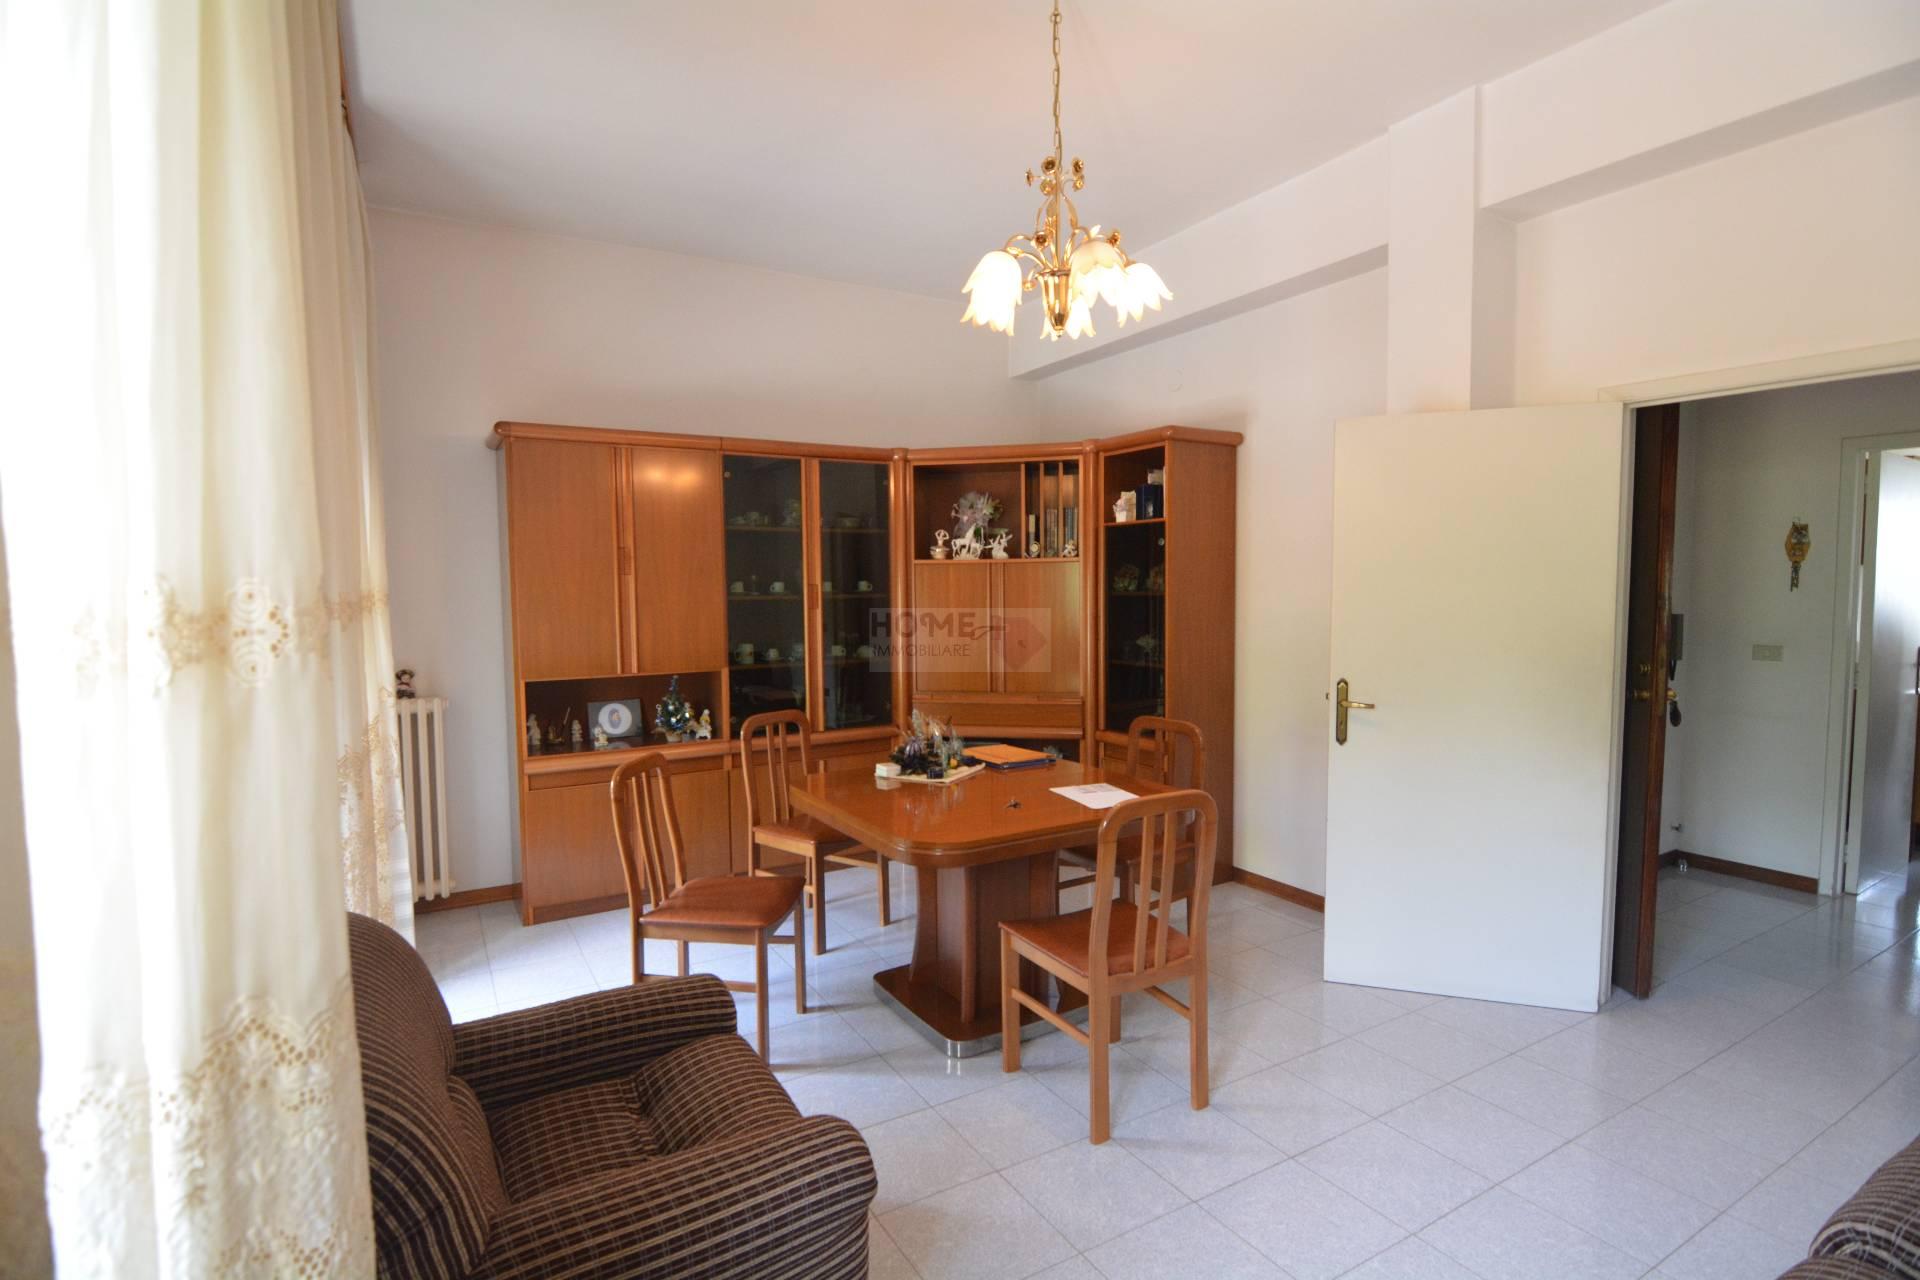 Appartamento in vendita a Macerata, 5 locali, zona Zona: Semicentrale, prezzo € 70.000 | Cambio Casa.it